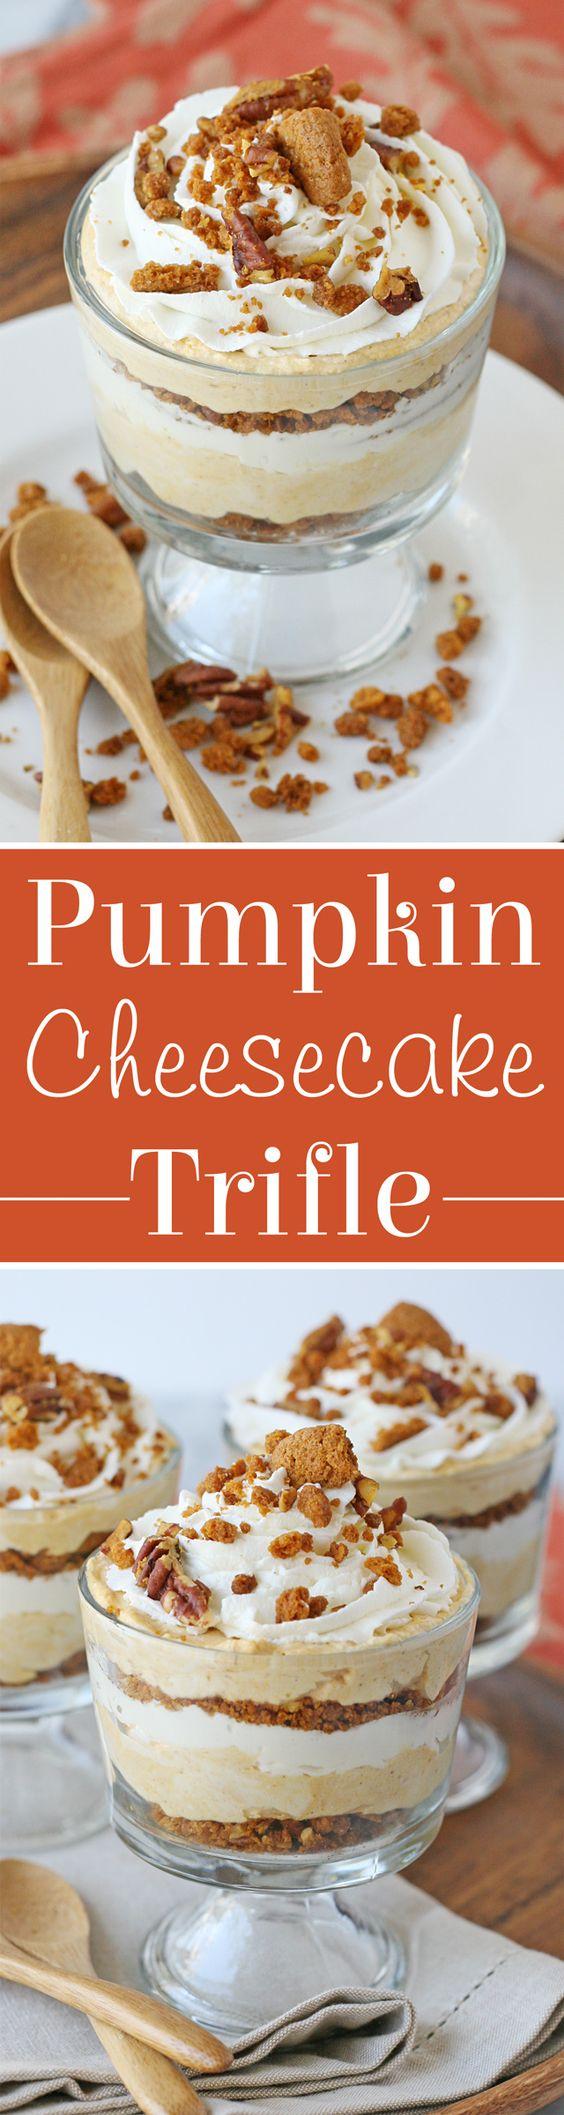 pumpkin pumpkin pumpkin and more cheesecake trifle pumpkin cheesecake ...